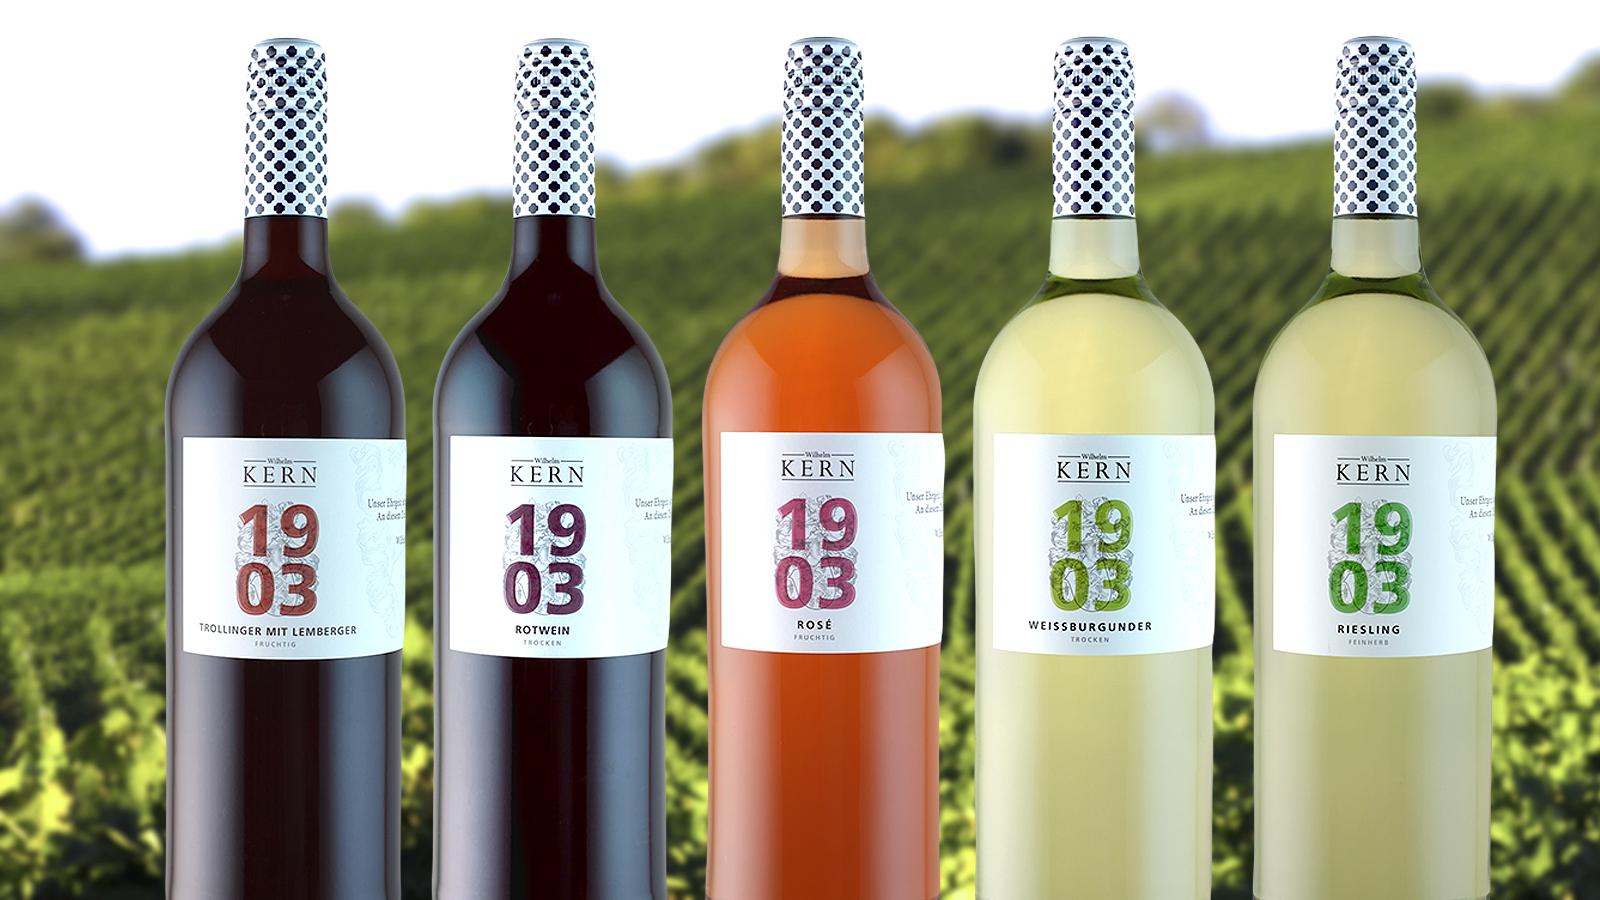 Die fünf Weine der 1903-Linie (Abbildung von Flaschen vor Weinbergmotiv)